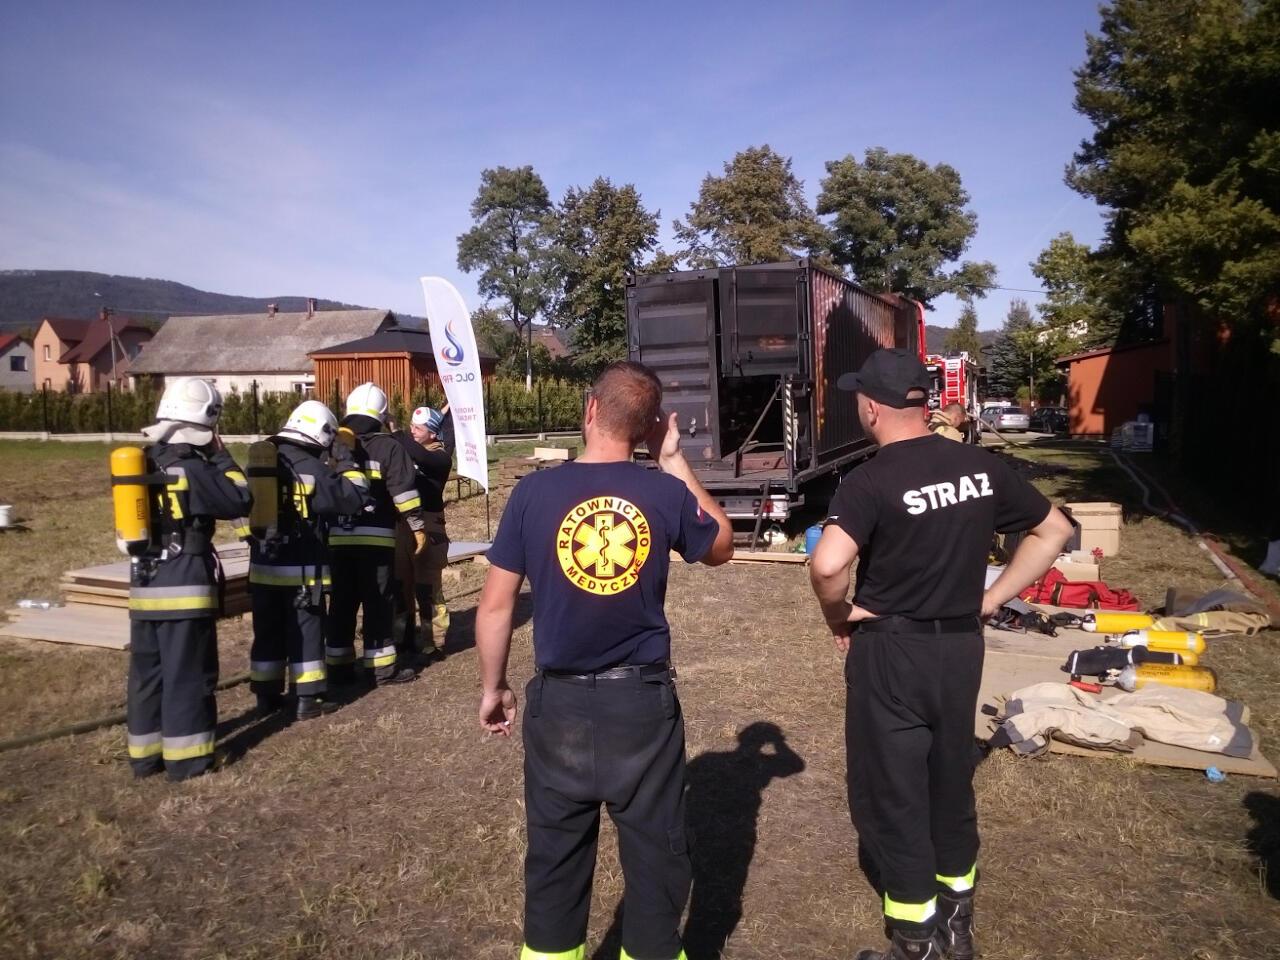 Strażacy przygotowują się do ugaszania ognia w komorze